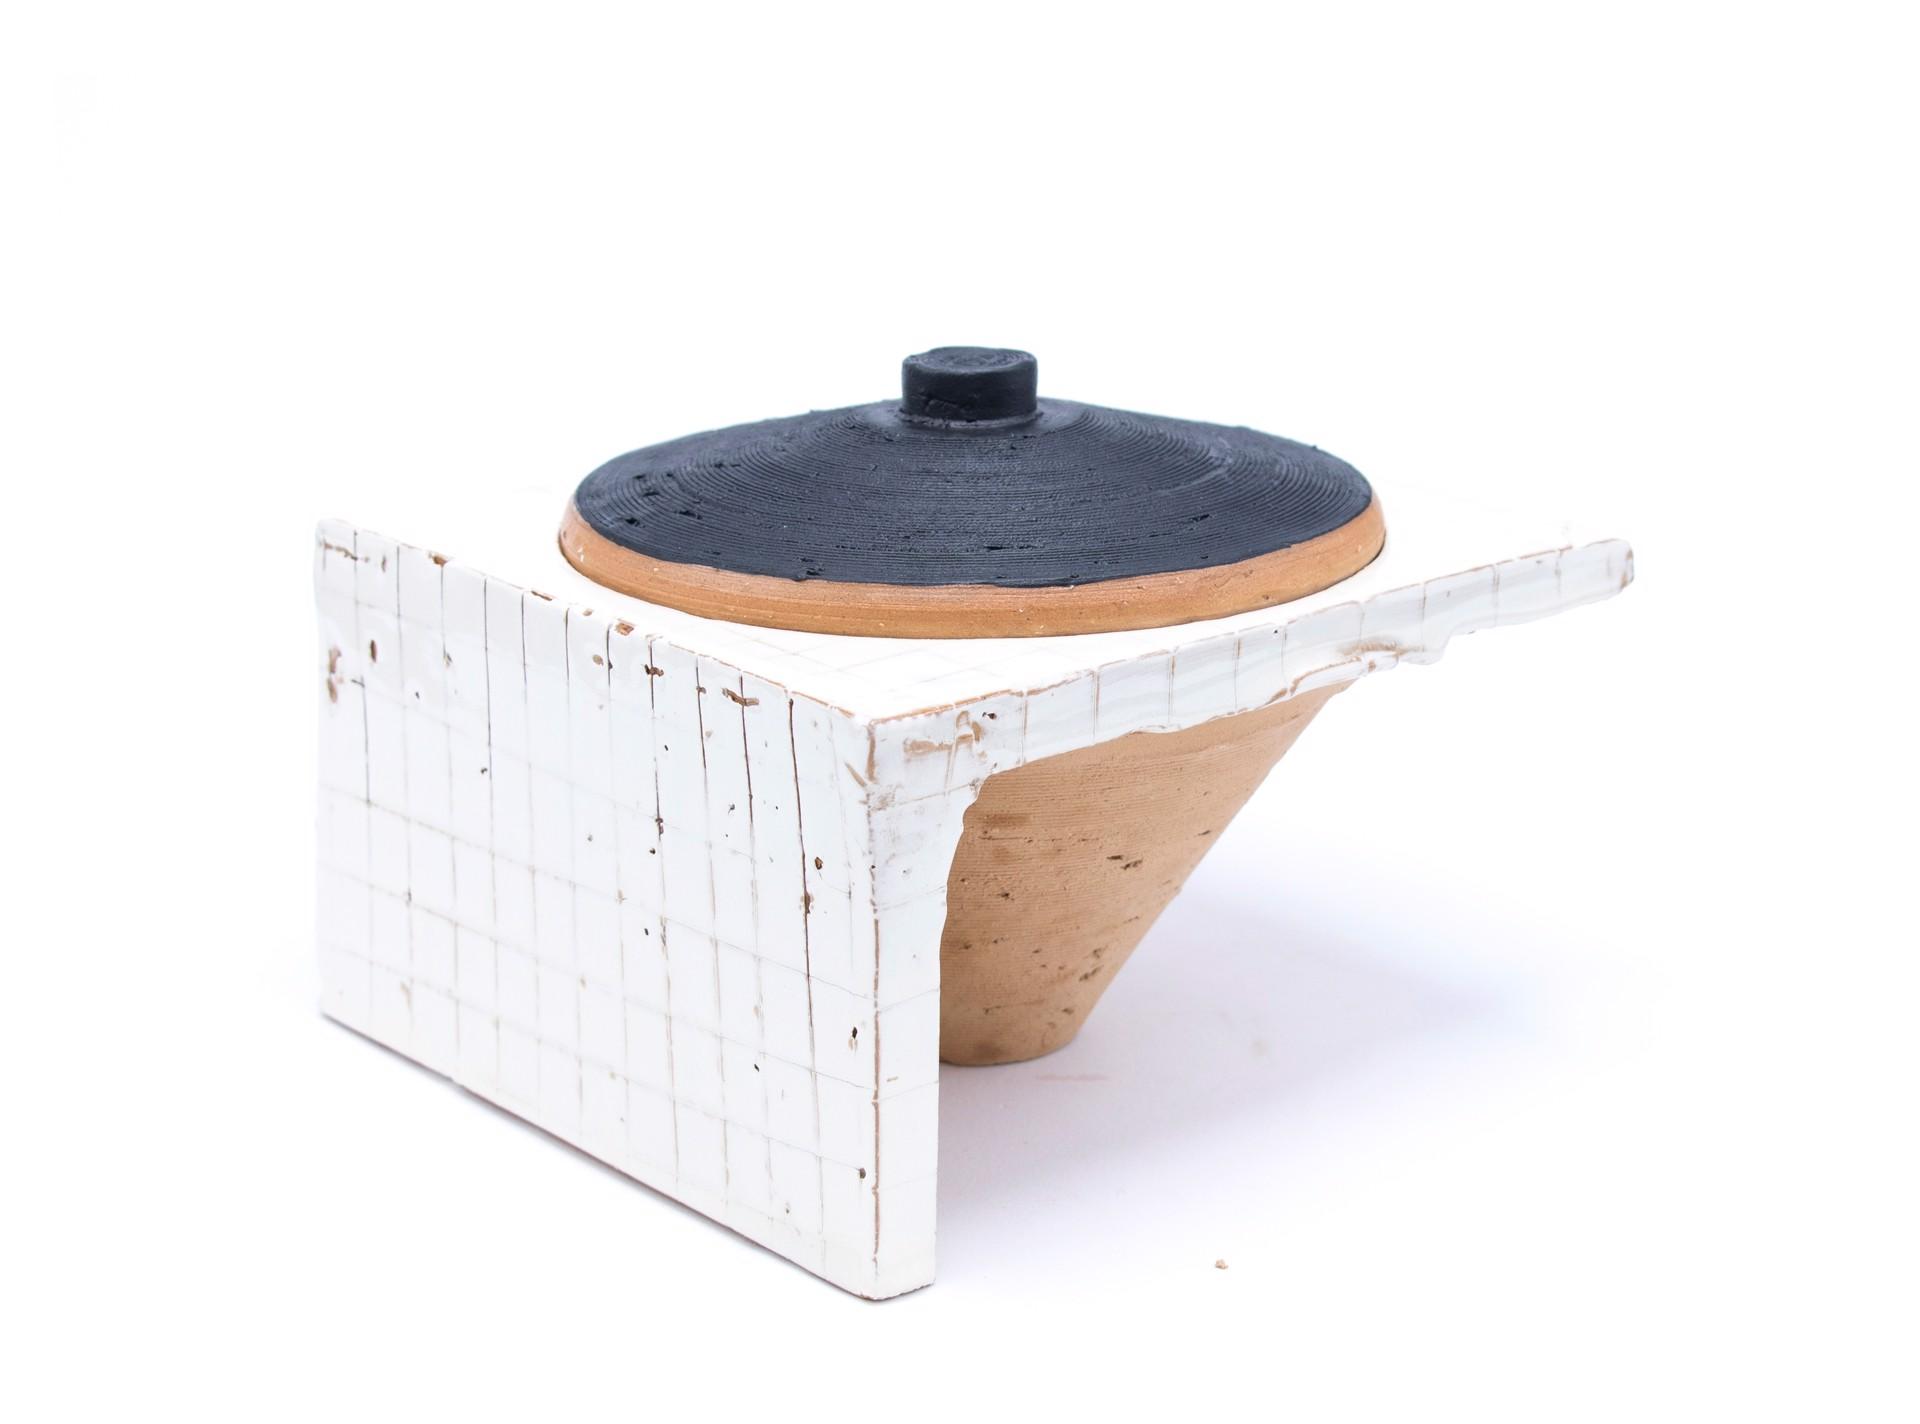 Lidded Jar (10) by Zak Helenske